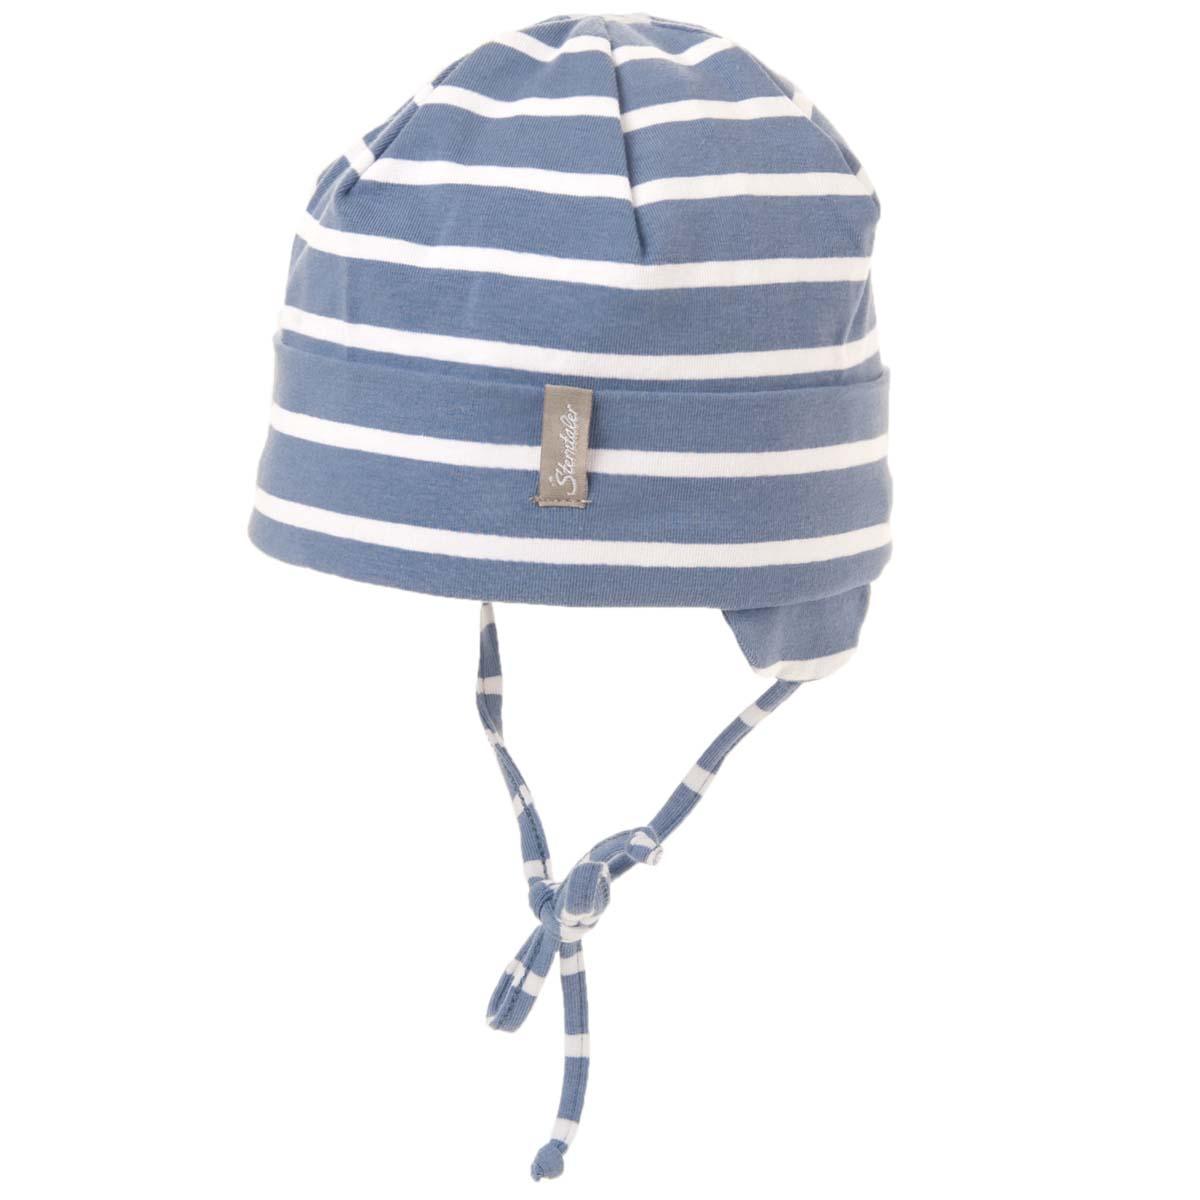 STERNTALER Mütze mit Ohren- und UV-Schutz zum Binden 4aaaf7f200c